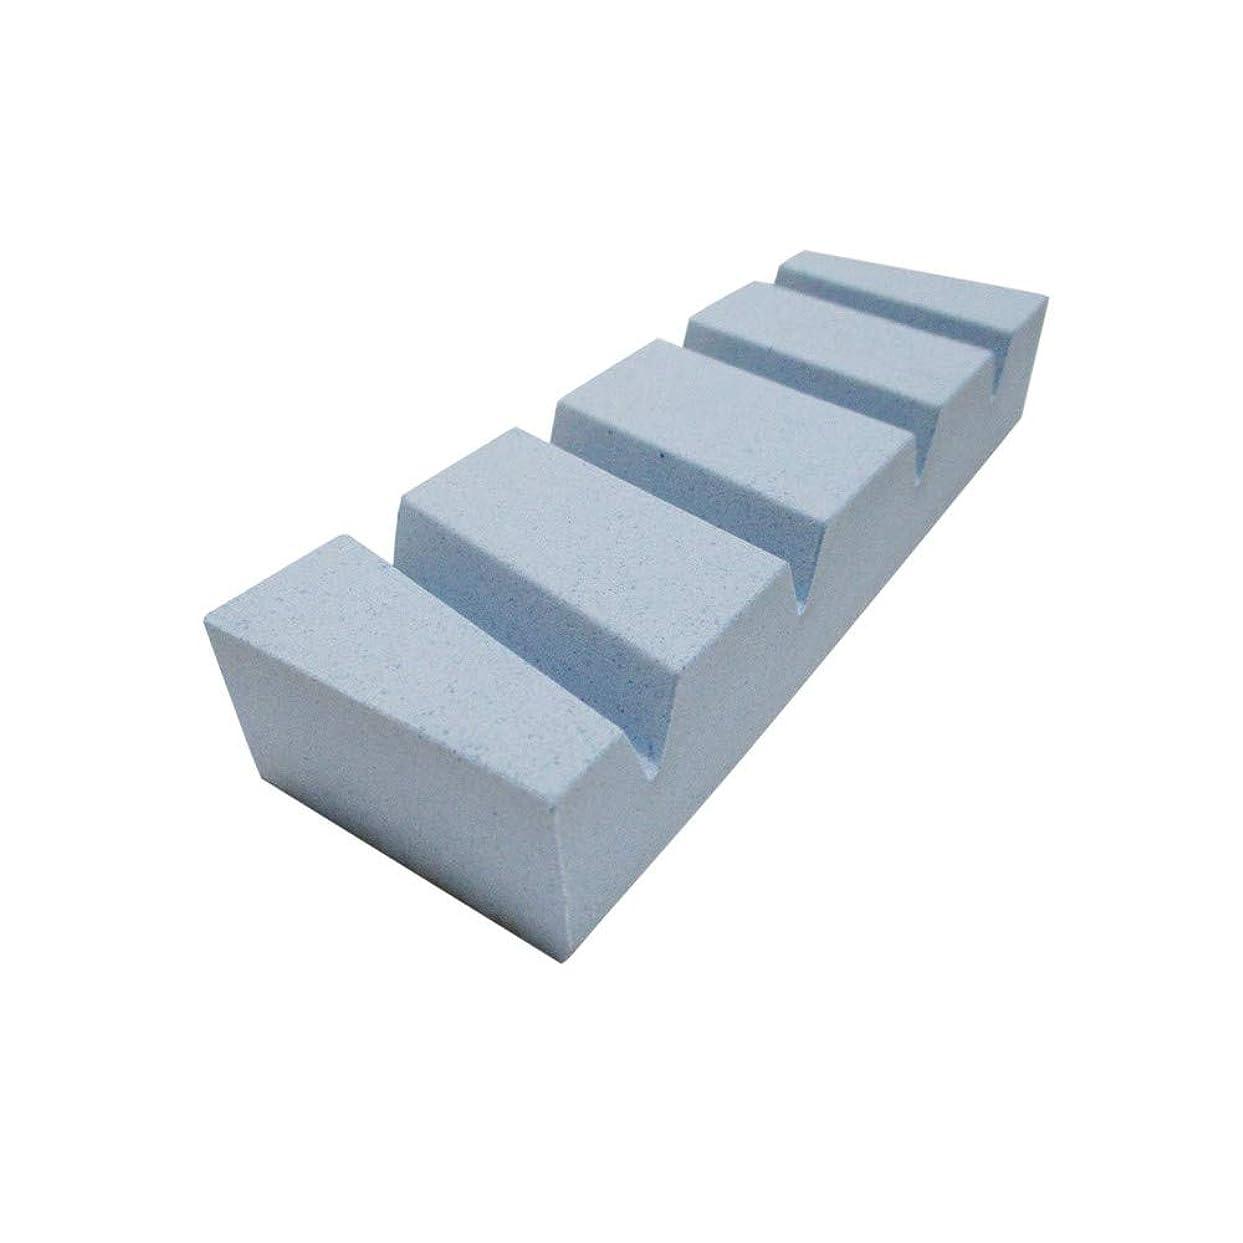 けがをするスパイダッシュ末広 中/仕上げ砥石用 修正砥石 WA280 802-W